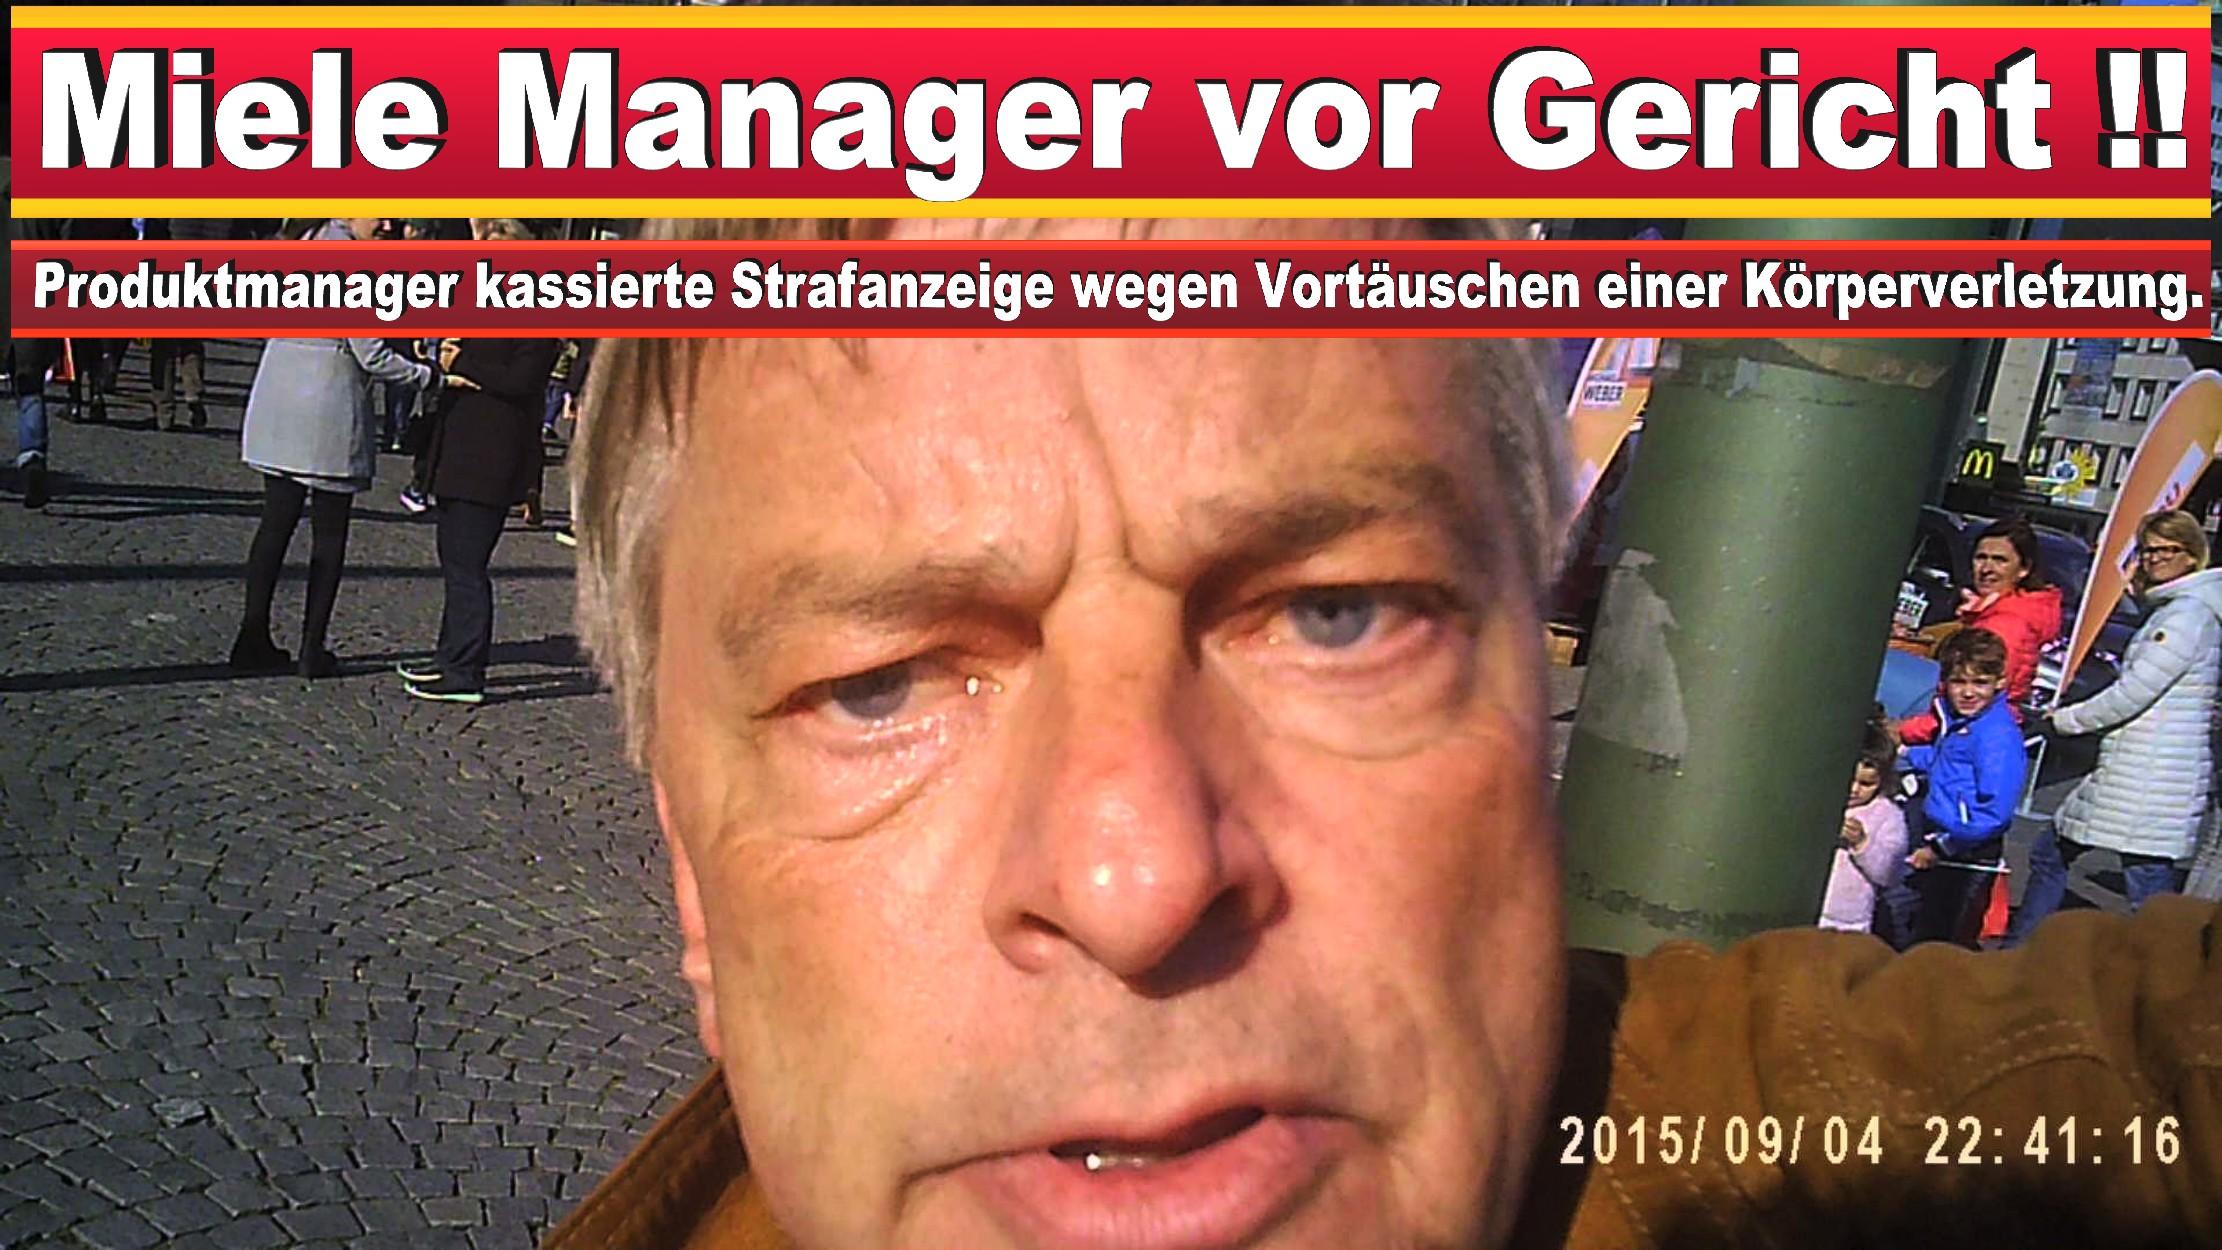 CDU BIELEFELD POLIZEIGEWALT GEWALTAUSBRUCH UND STRAFANZEIGE GEGEN EINEN JOURNALISTEN (7)